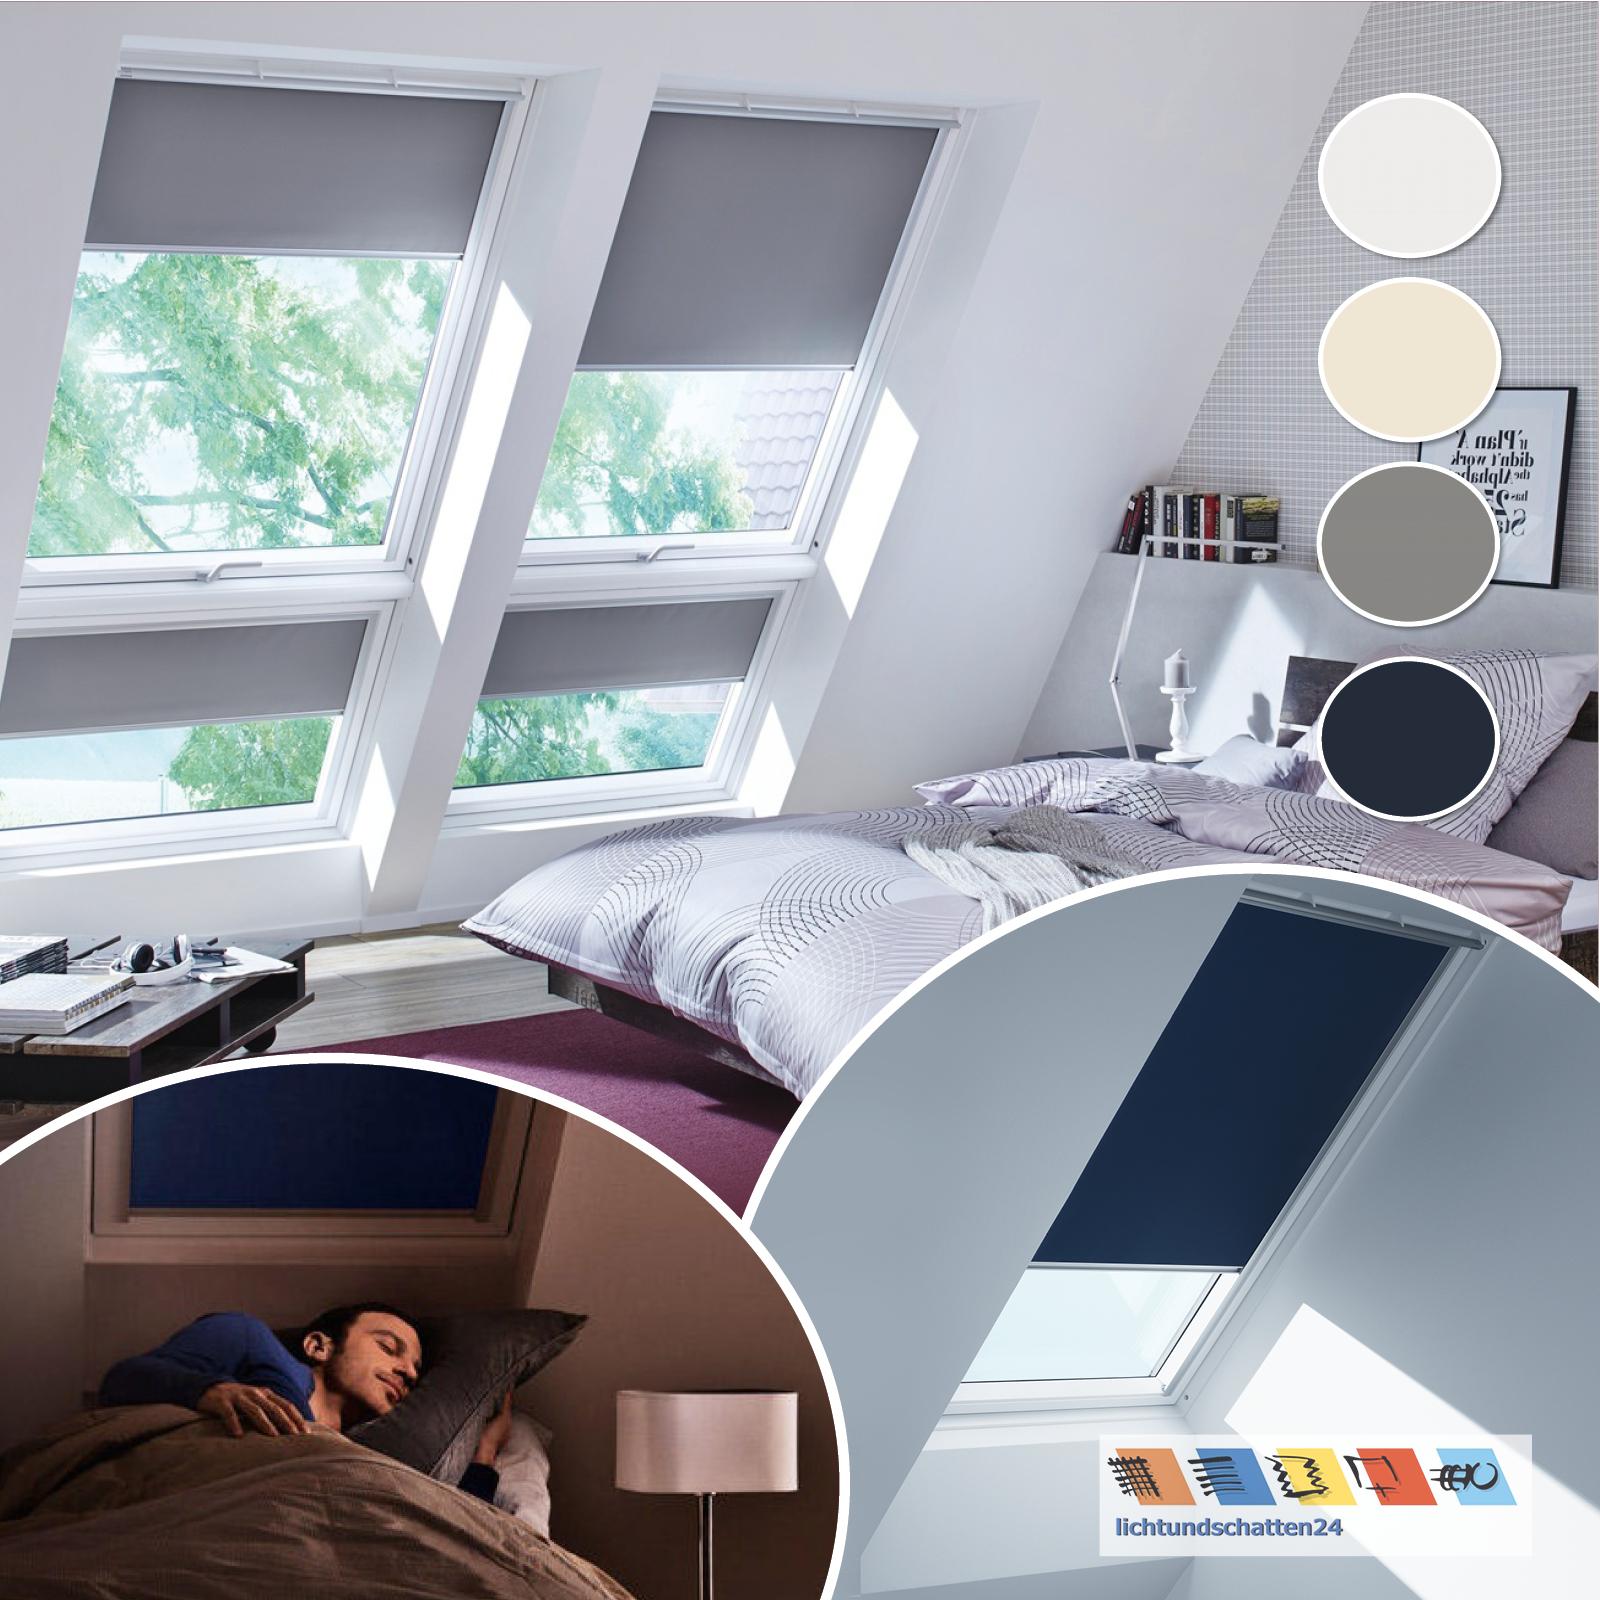 Full Size of Original Veludachfenster Thermo Rollo Verdunklung Fr Vl Vu Vku Rehau Fenster Günstig Sofa Kaufen Hannover Velux Dreifachverglasung Pvc Alu Küche Tipps Fenster Velux Fenster Kaufen